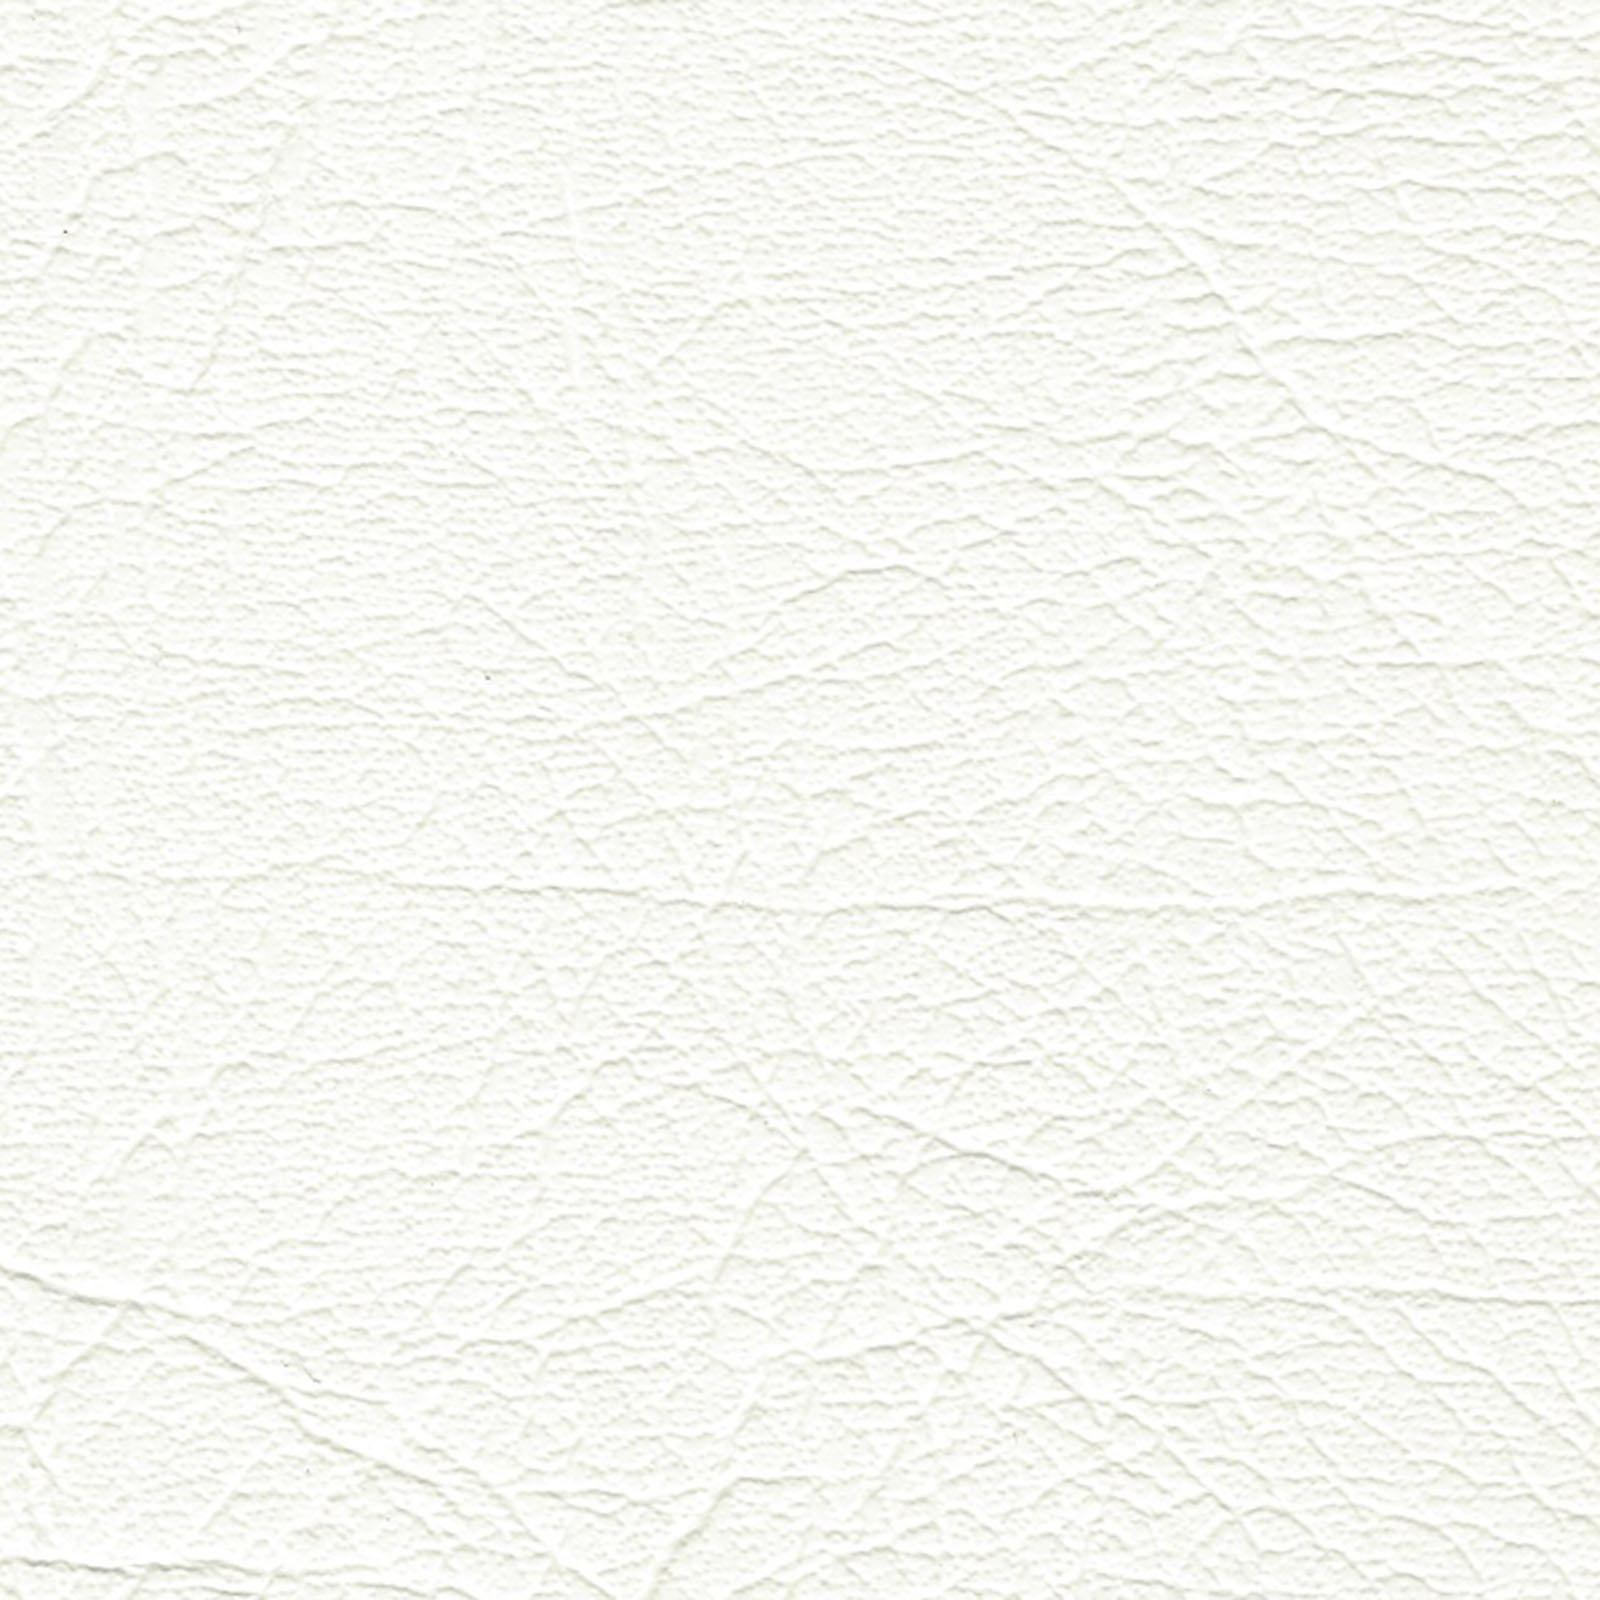 Aries - ARI-1601 - Brilliant White